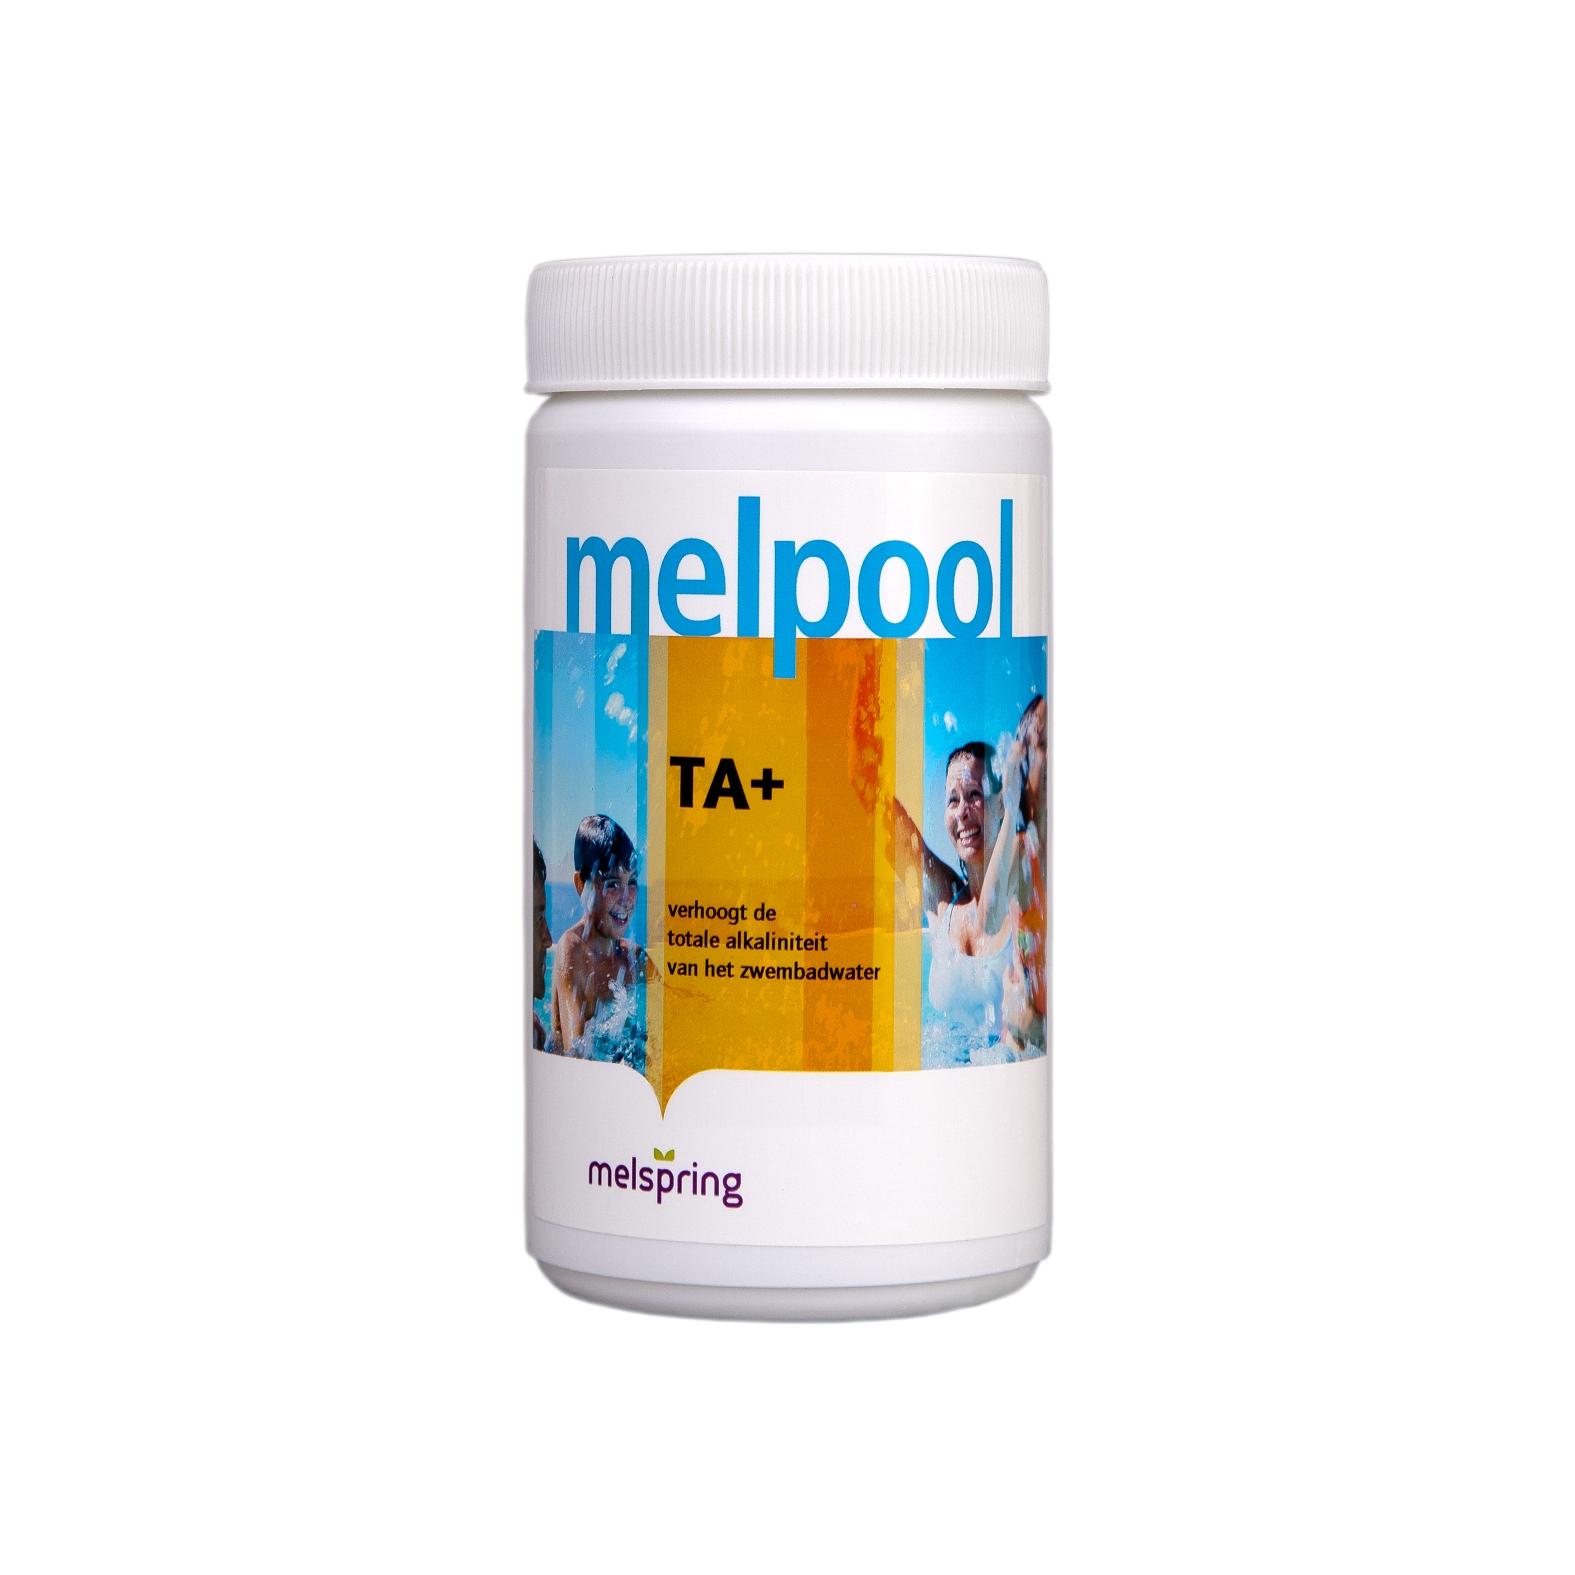 Melpool TA+ alkaliniteitsverhoger voor spabaden, 1 kg